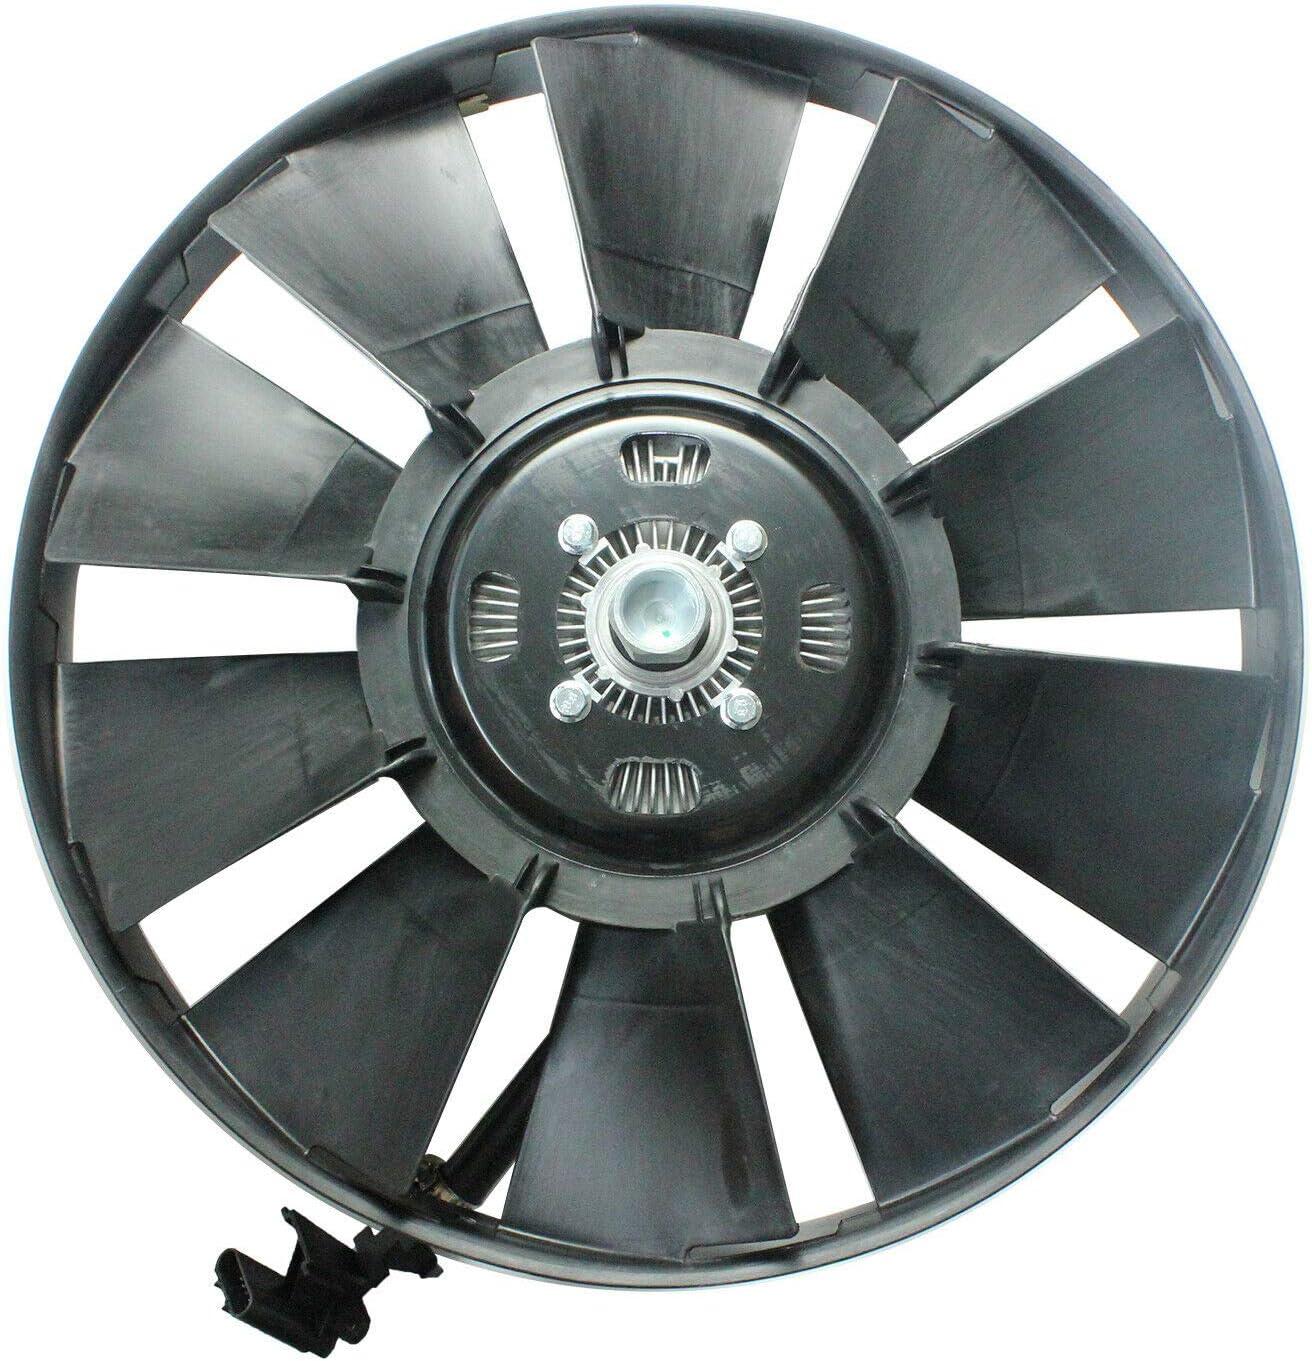 LOSTAR Electric Radiator Cooling Fan Clutch w/Blade For 2002-2009 Chevy Trailblazer Envoy 9-7x 15293048 15229250